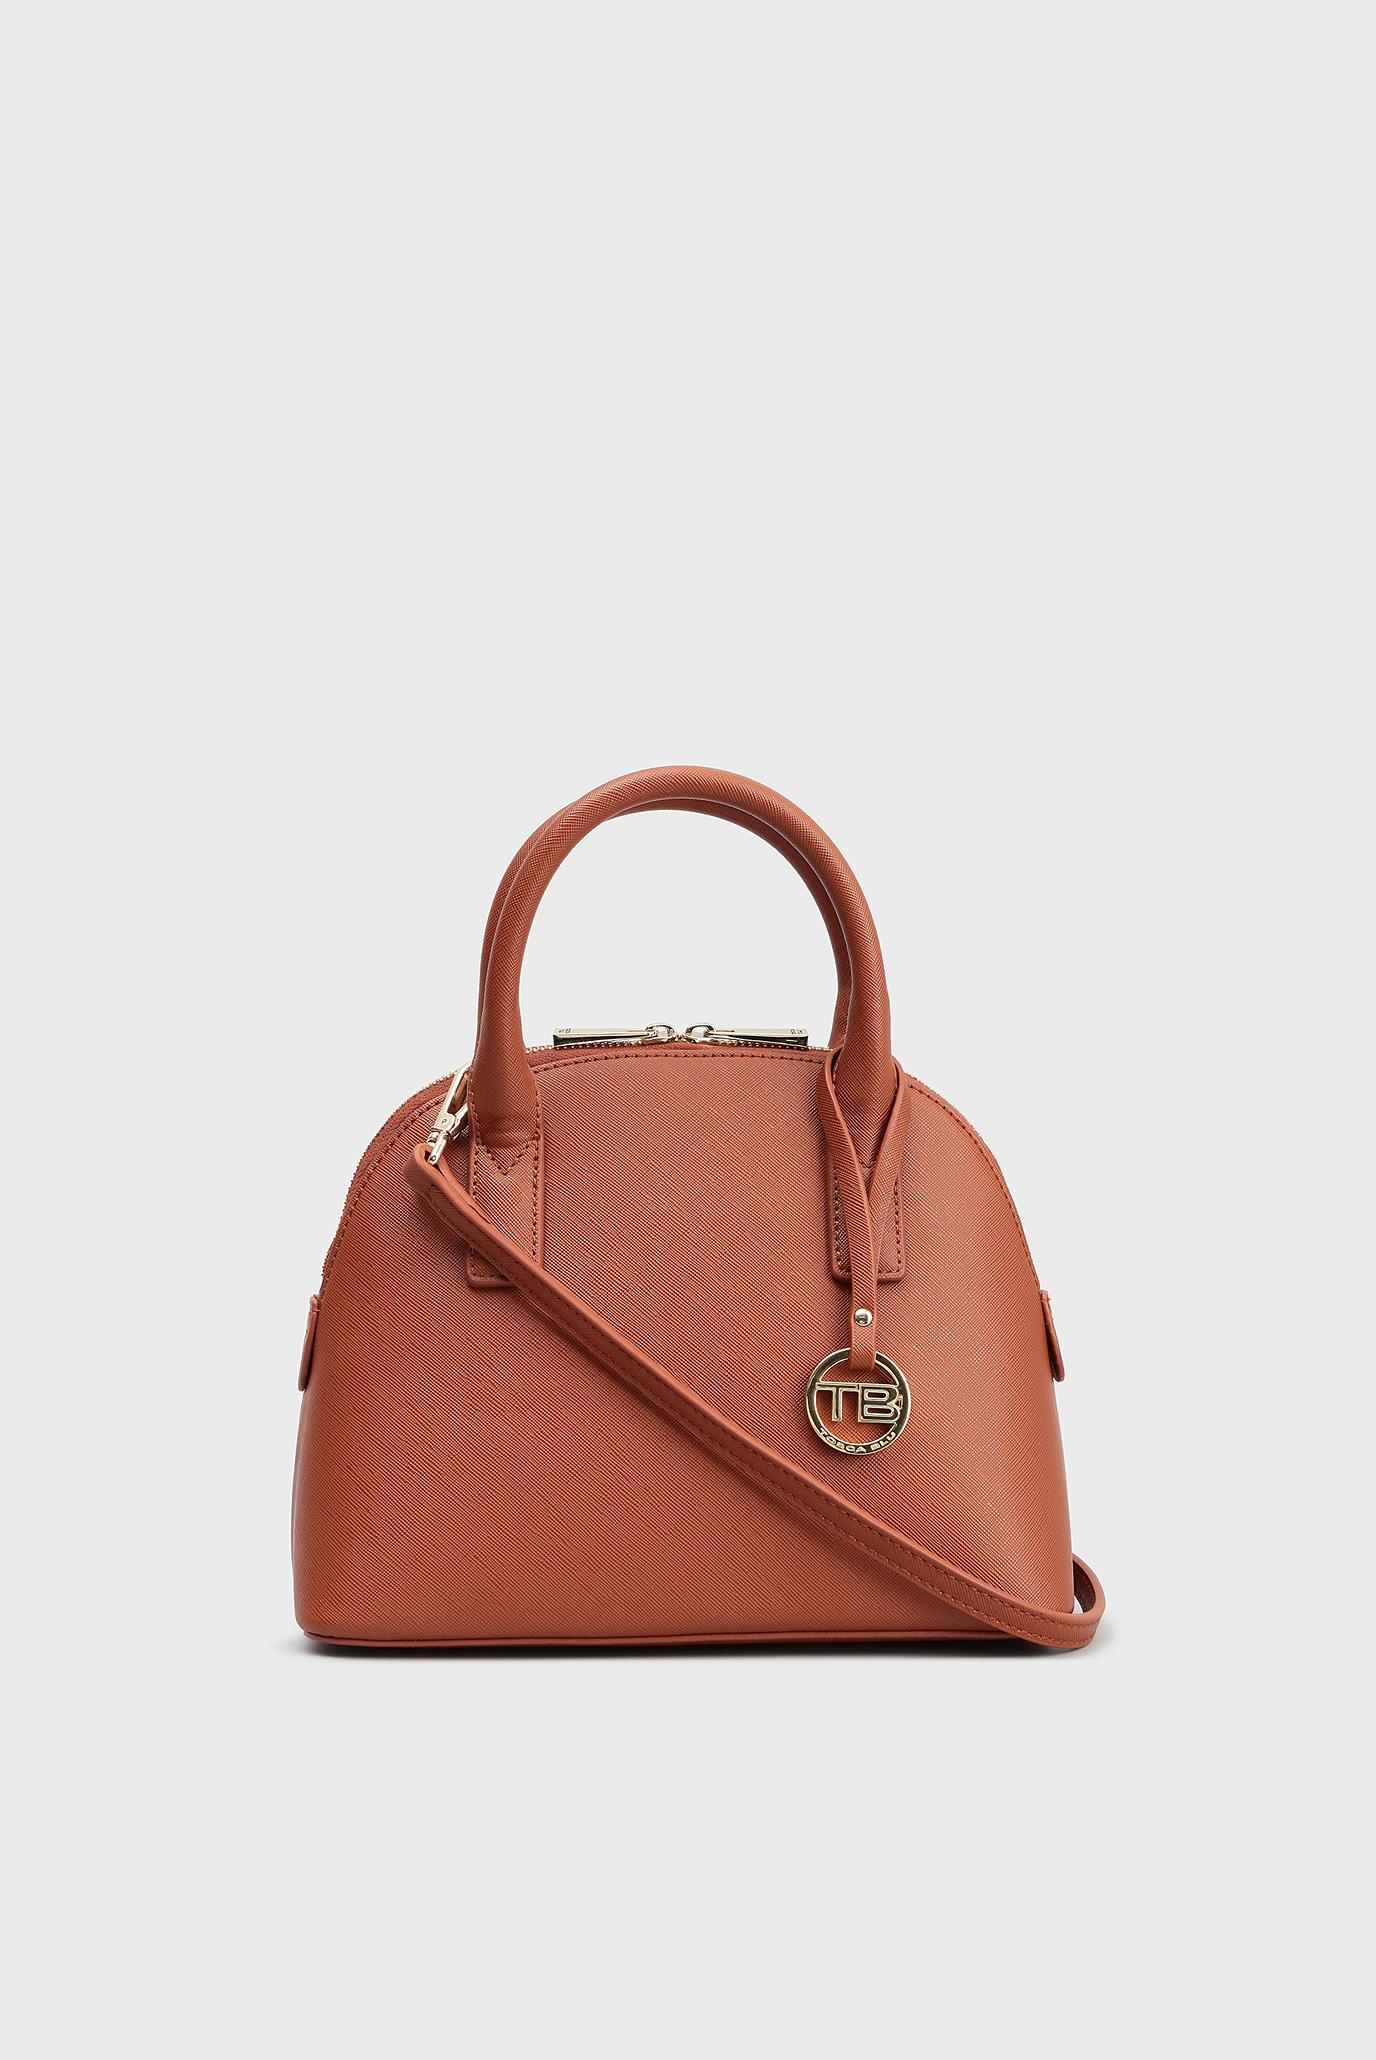 2d3cb3446c59 Купить Женская рыжая сумка на плечо Tosca Blu Tosca Blu TF1635B33 – Киев,  Украина. Цены в интернет ...